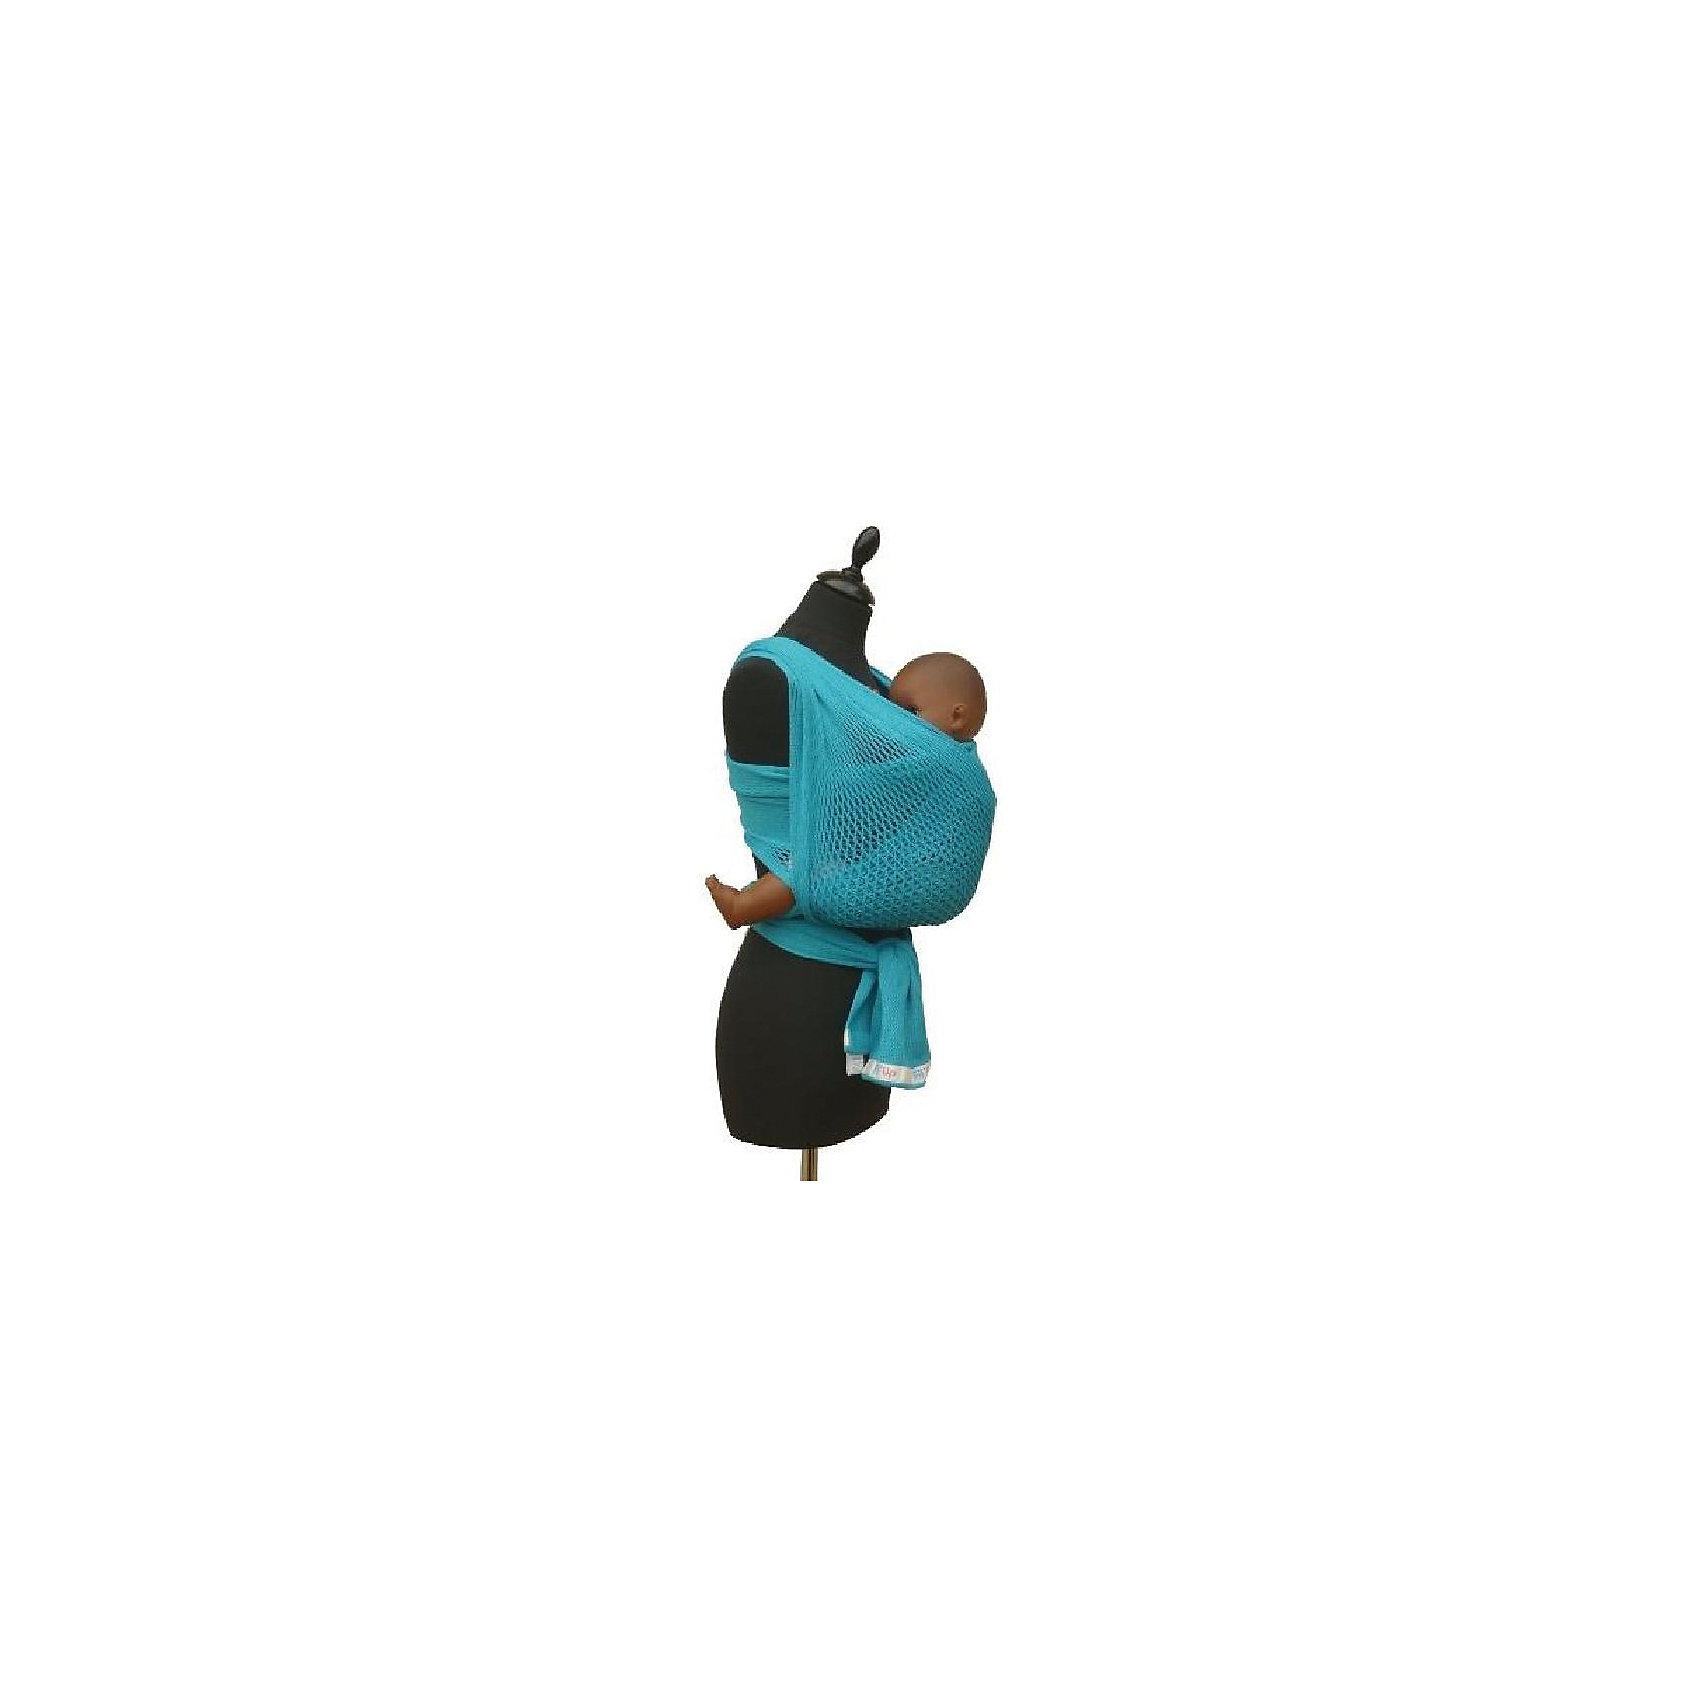 Слинг-шарф из хлопка плетеный размер l-xl, Филап, Filt, синийСлинги и рюкзаки-переноски<br>Характеристики:<br><br>• разработан совместно с врачами-ортопедами;<br>• обеспечивает оптимальную поддержку ребенка;<br>• легко наматывается;<br>• два способа намотки: «простой крест» и «двойной крест»;<br>• равномерно распределяет нагрузку на спину;<br>• основное положение: лицом к маме;<br>• подходит для автоматической стирки при температуре 30 градусов;<br>• сумочка в комплекте;<br>• цвет: синий;<br>• материал: хлопок;<br>• возраст ребенка: 3 месяца-2 года (до 15 кг);<br>• размер слинга: 4,8х0,5 м;<br>• размер упаковки: 24х26х7 см;<br>• вес: 430 грамм;<br>• страна бренда: Франция.<br><br>Слинг-шарф FilUp - прекрасный вариант для любого сезона. Главная особенность модели - сетчатое плетение из натурального хлопка. Такой вид полотна не позволит ребенку перегреться за счет отсутствия дополнительного слоя ткани, свойственного для обычных слингов.<br><br>Возможны три положения ребенка в слинге: лицом к маме, на боку и за спиной. Полотно слинг-шарфа легко растягивается и обладает необходимой упругостью для правильной посадки ребенка.<br><br>Концы слинга сделаны более узкими, чтобы вы могли убрать лишнюю ткань. Средняя, более широкая часть поддерживает ножки ребенка в позе «лягушки», что немаловажно для правильного развития тазобедренных суставов. <br><br>Слинг-шарф подходит для ручной и автоматической стирки при температуре 30 градусов. Длина полотна - 4,8 метра. Ширина полотна - 0,5 метра. Подходит для детей от 3-4-х месяцев до 1,5-2-х лет (весом до 15 килограммов). В комплект входит сумочка-авоська, которая подойдет для бутылочек, салфеток и прочих необходимых предметов.<br><br>Слинг-шарф из хлопка плетеный размер l-xl, Филап, Filt (Филт), синий можно купить в нашем интернет-магазине.<br><br>Ширина мм: 800<br>Глубина мм: 800<br>Высота мм: 50<br>Вес г: 500<br>Возраст от месяцев: 0<br>Возраст до месяцев: 12<br>Пол: Мужской<br>Возраст: Детский<br>SKU: 5445091